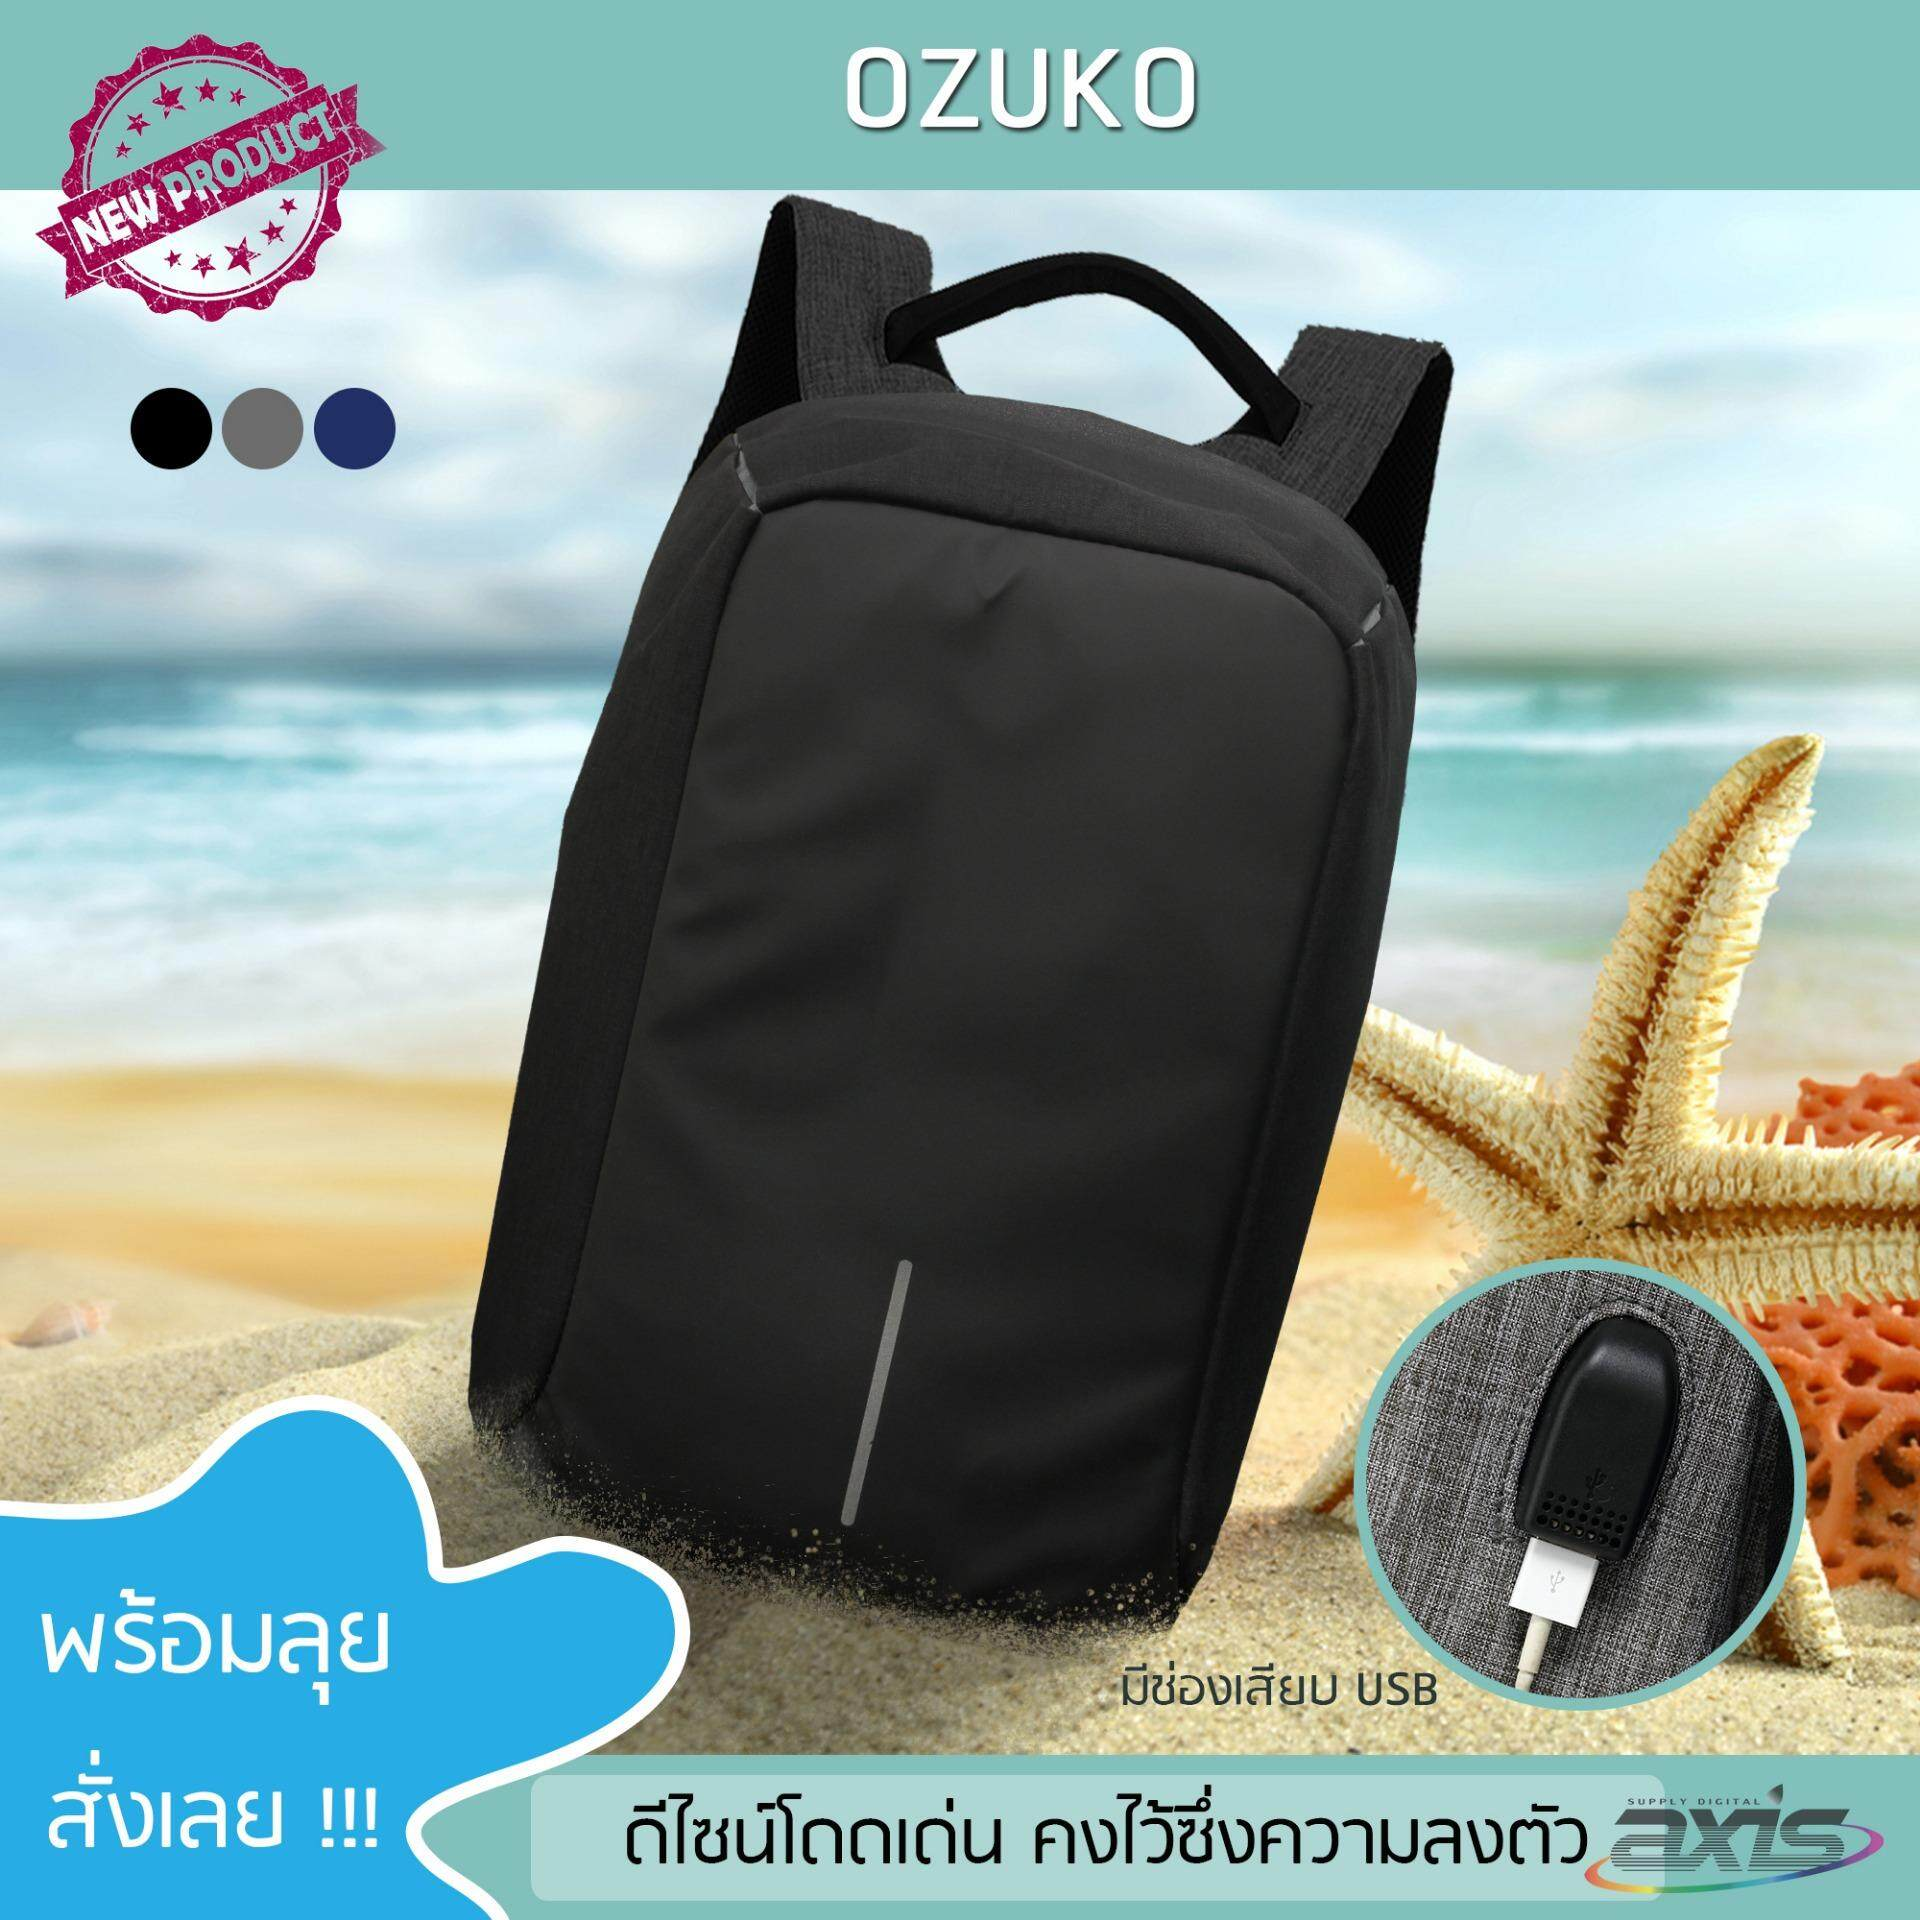 ราคา Ozuko กระเป๋าถือ สพายหลัง มี Usb Port ชาร์จโทรศัพท์ คงทนแข็งแรงใส่ของได้เยอะมีช่องซิปภายใน Notebook แฟ้มเอกสาร เสื้อผ้า โทรศัพท์มือถือ อื่นๆ สีดำ Ozuko เป็นต้นฉบับ